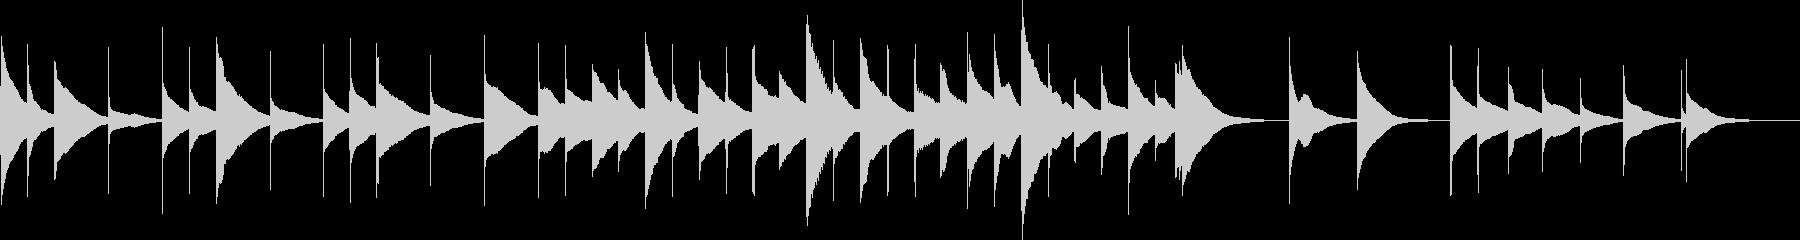 オルゴールの優しいショートミュージックの未再生の波形